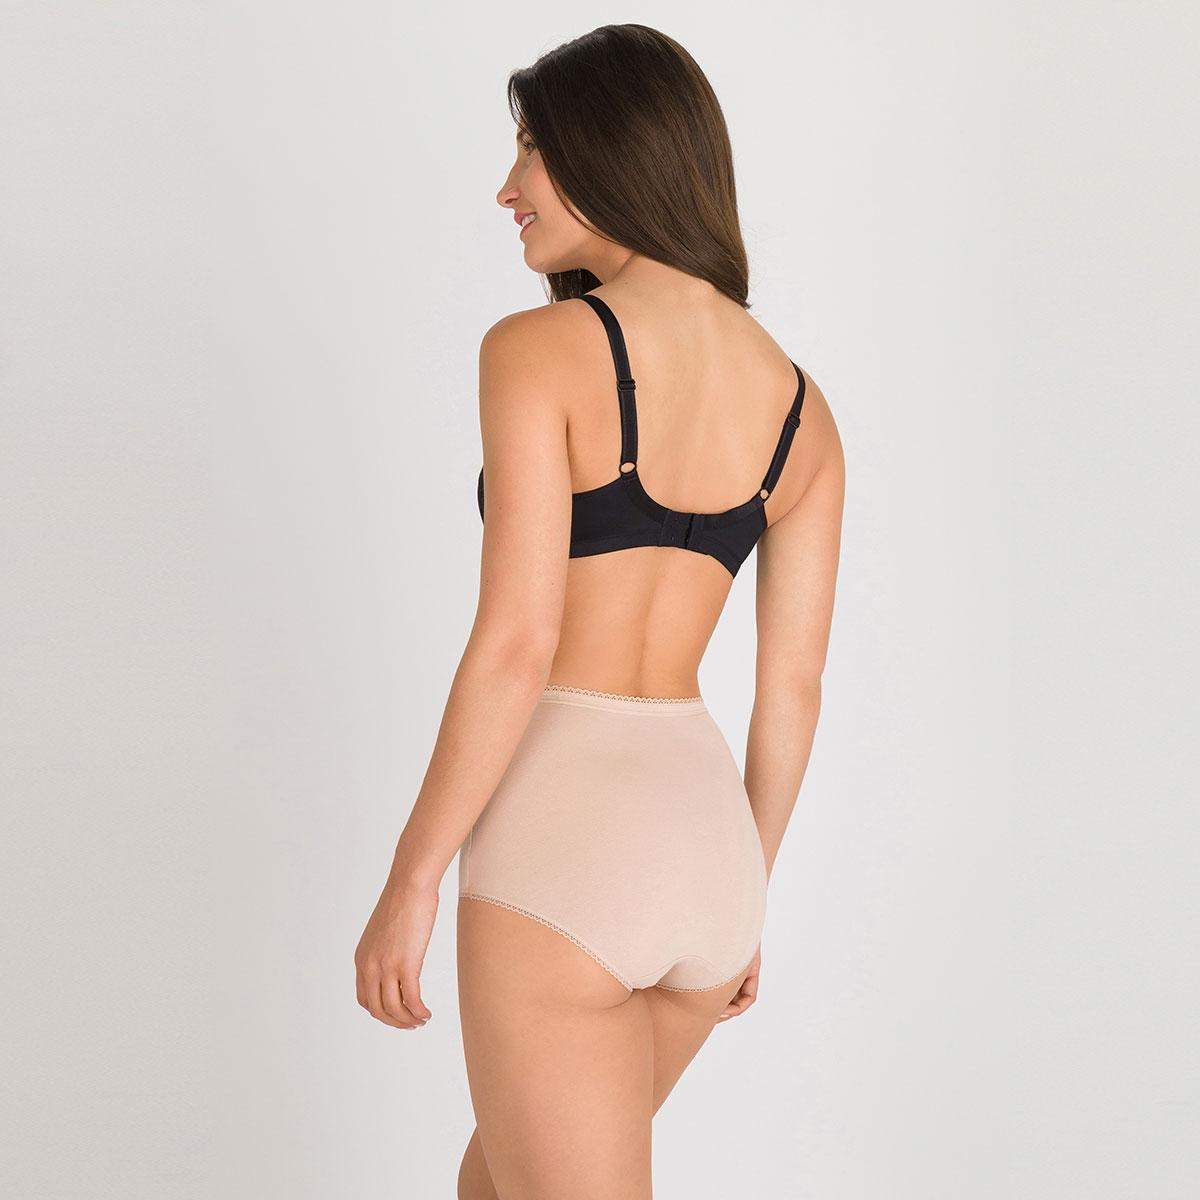 2 Culottes Maxi beige – Coton Stretch, , PLAYTEX